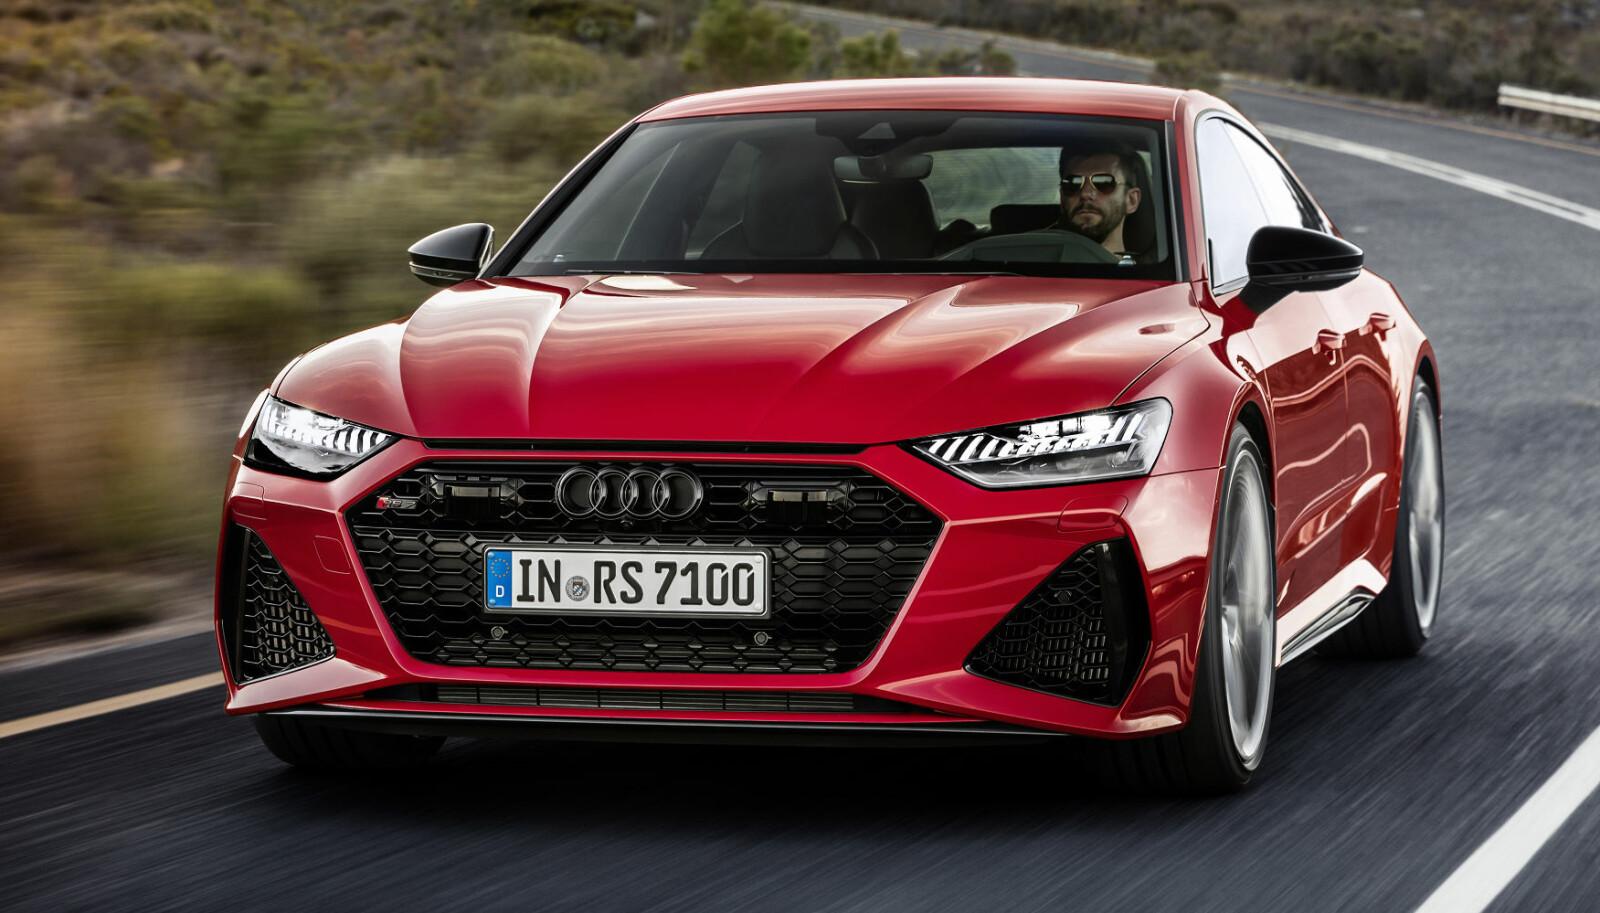 LUFTFJÆRING: Den nye dempergenerasjonen med integrert reguleringsventil skal gi merkbare skiller mellom de individuelle modusene i «Audi drive select».